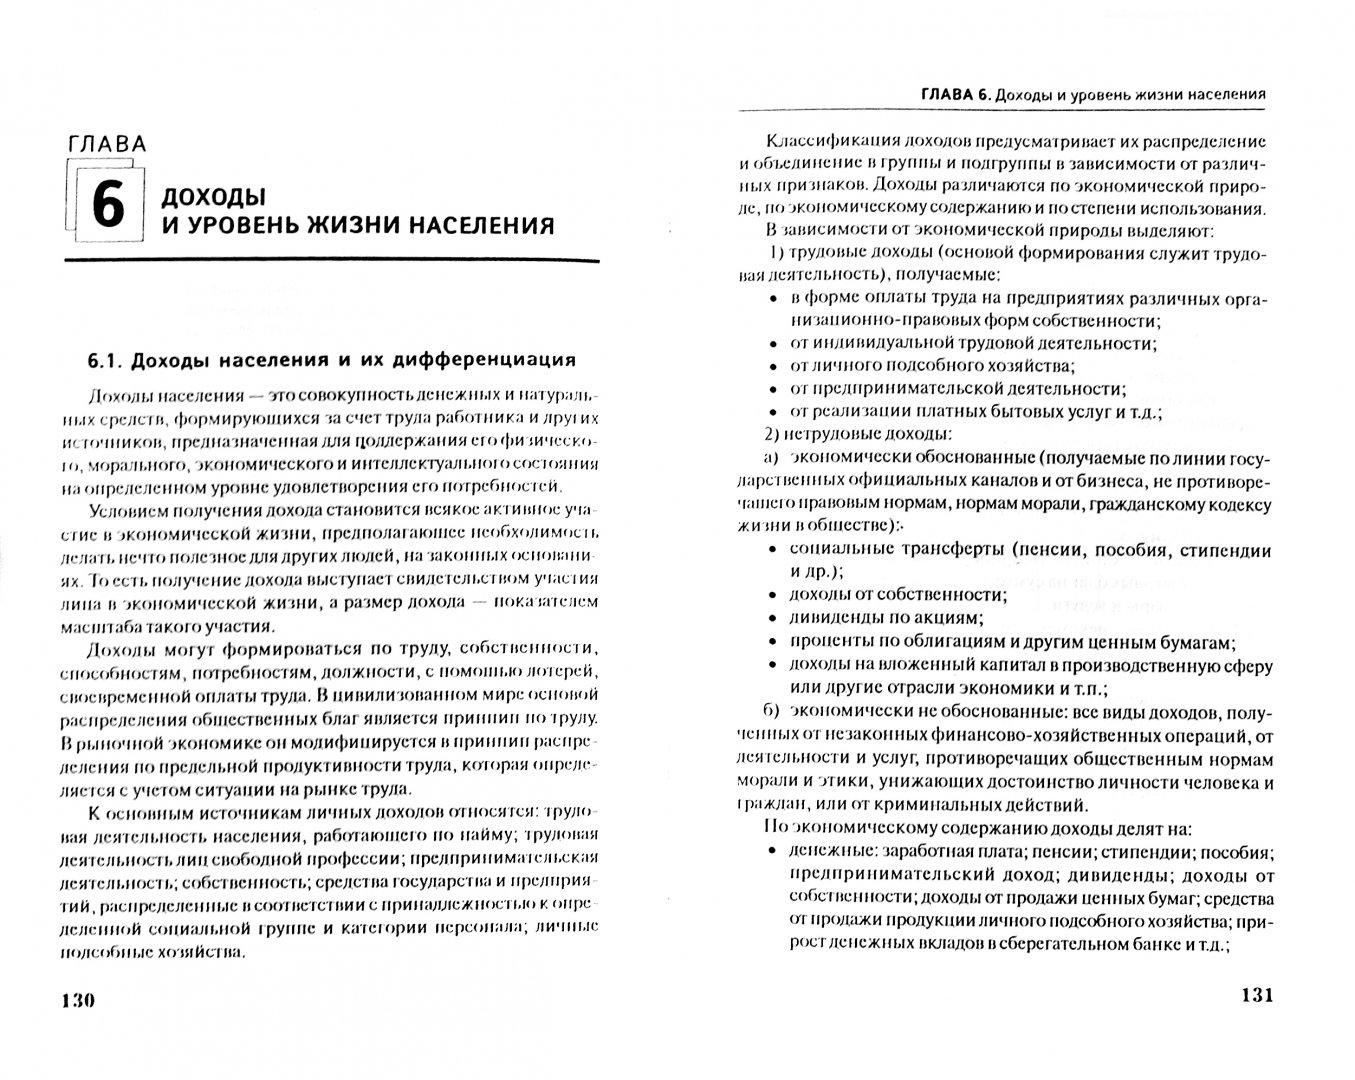 Иллюстрация 1 из 6 для Экономика и социология труда. Учебное пособие - Гелета, Коваленко | Лабиринт - книги. Источник: Лабиринт